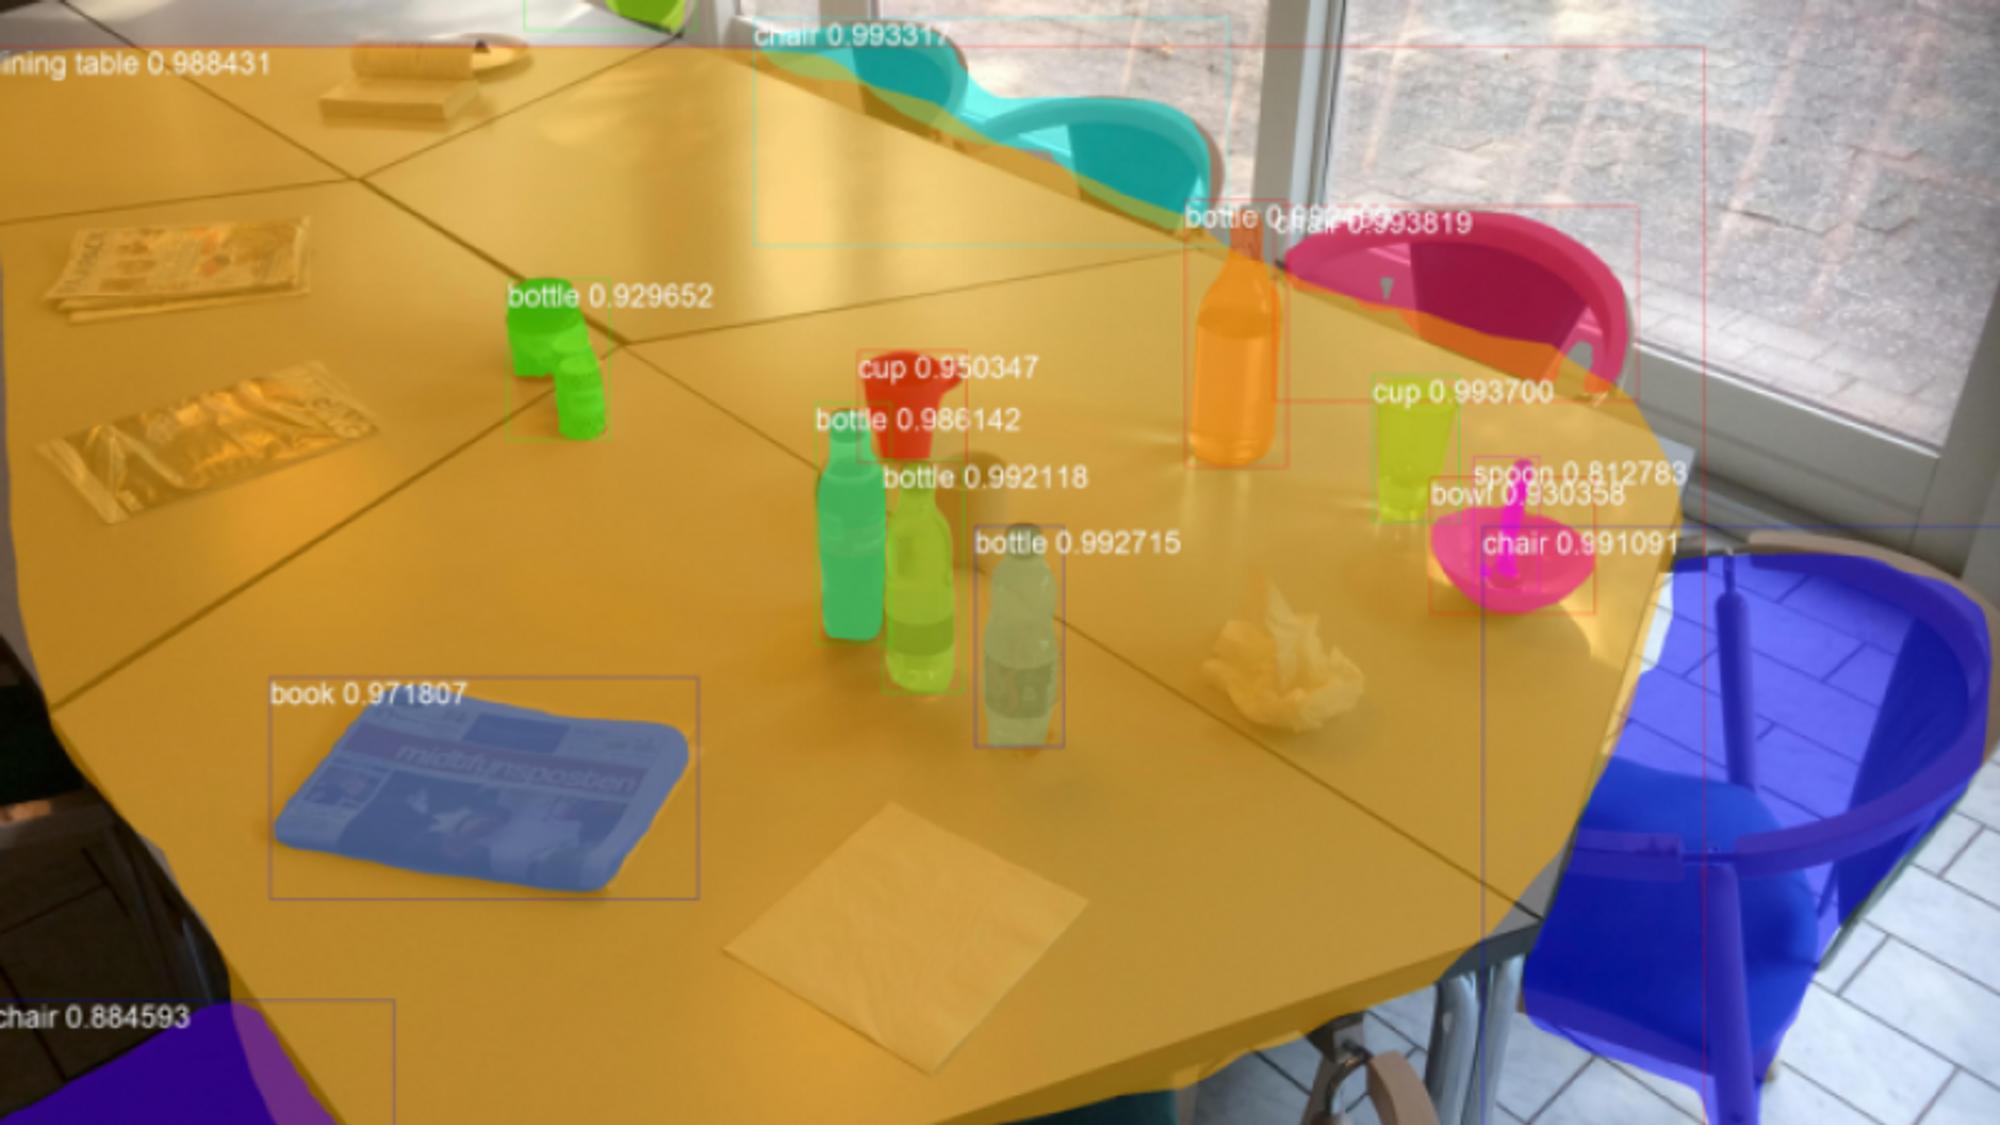 En av de største utfordringene i prosjektet vil være å utvikle programvare for bildegjenkjenning for både roboten og Ubiqisenses sensorer, slik at systemet kan identifisere de forskjellige objektene som kan ligge igjen på bordene i en kantine.